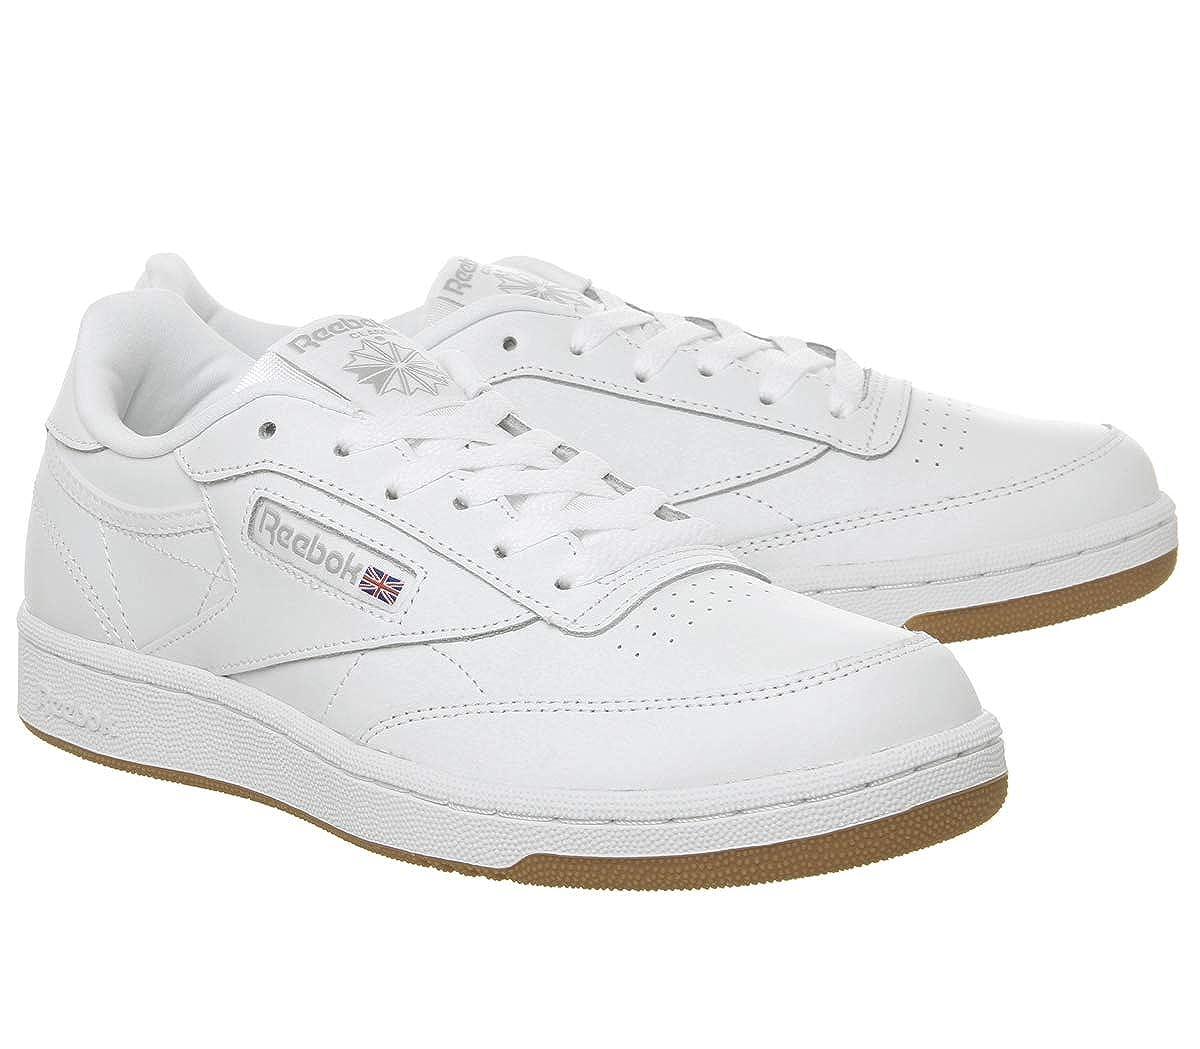 Reebok Classic Echtleder Schuhe Kinder Sneaker Turnschuhe